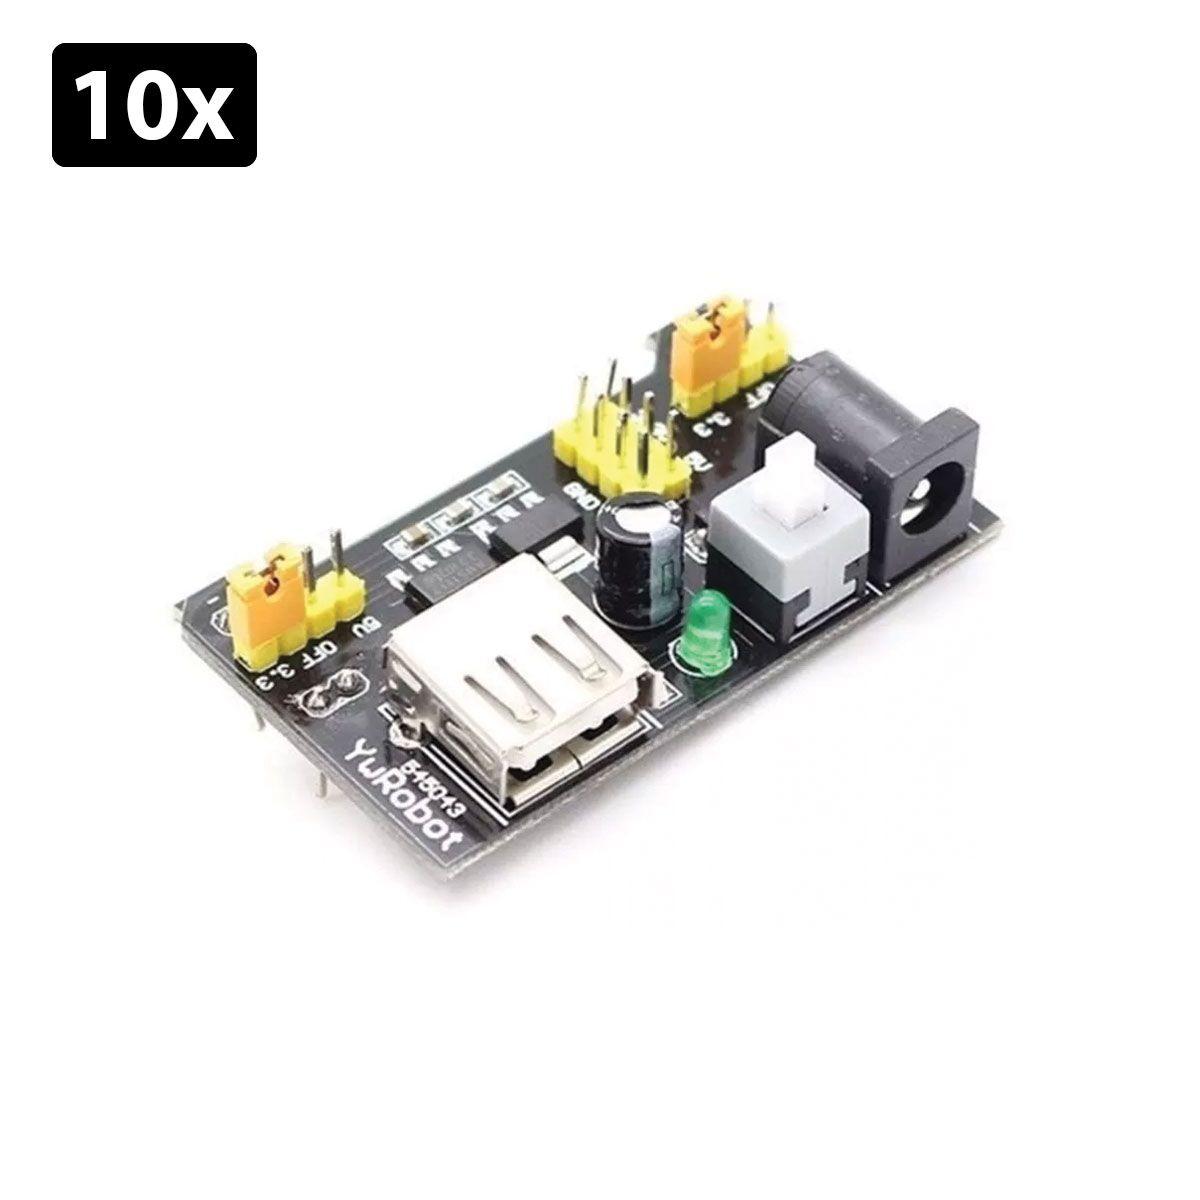 Kit com 10x Fonte de Alimentação 3.3V 5V para Protoboard